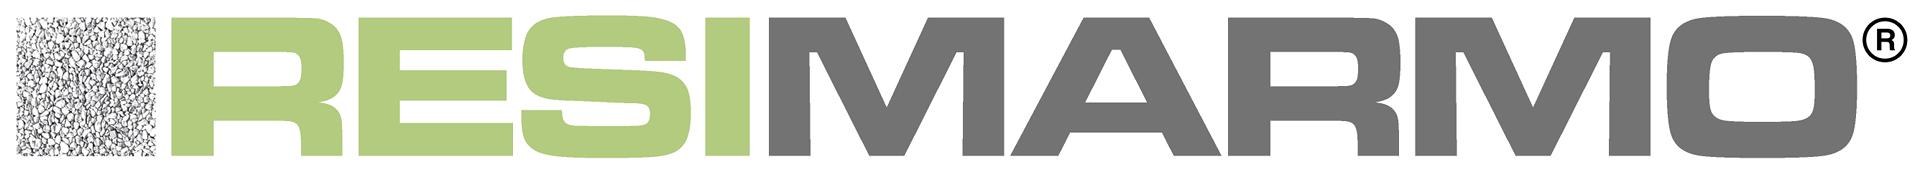 Logo RESIMARMO.LU